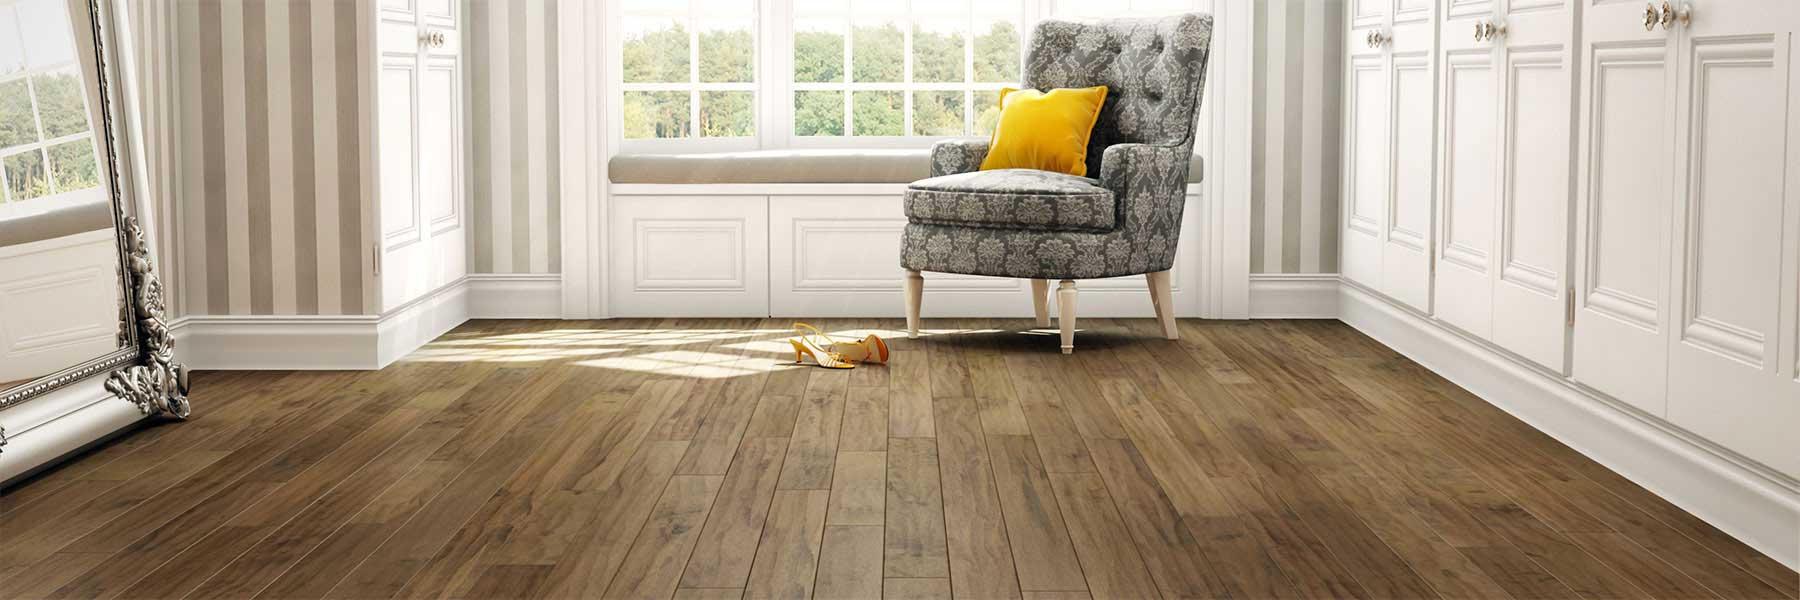 Floors best wood flooring ideas on pinterest flooring for Cheap hard flooring ideas